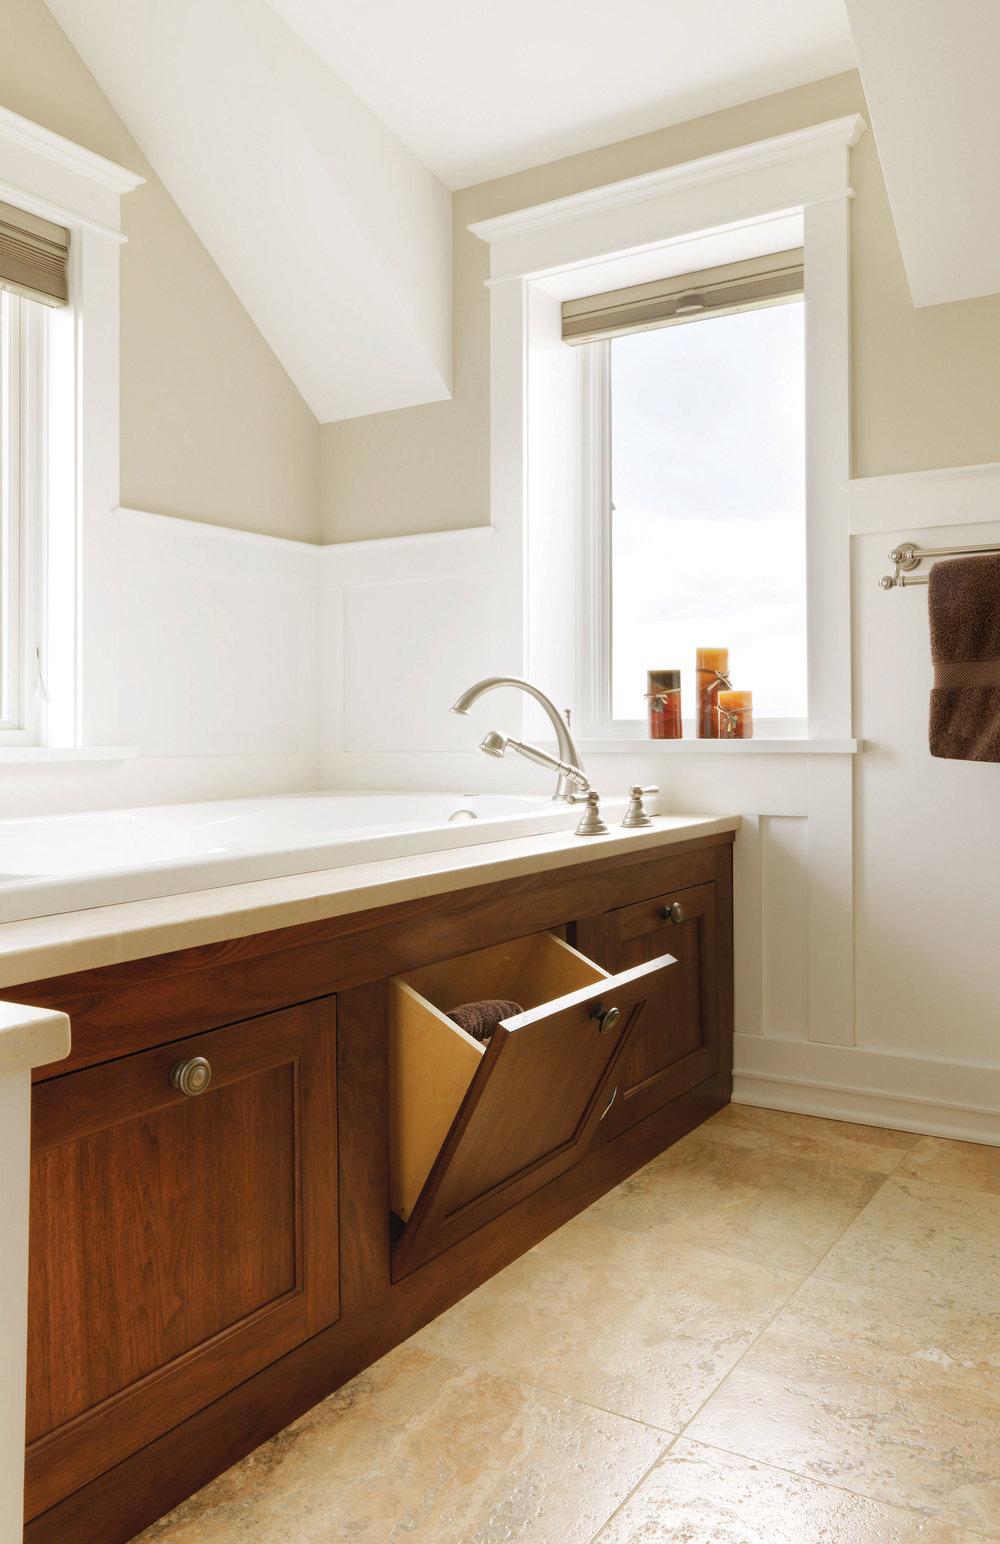 Cherry Bathroom Vanity — Simpson Cabinetry